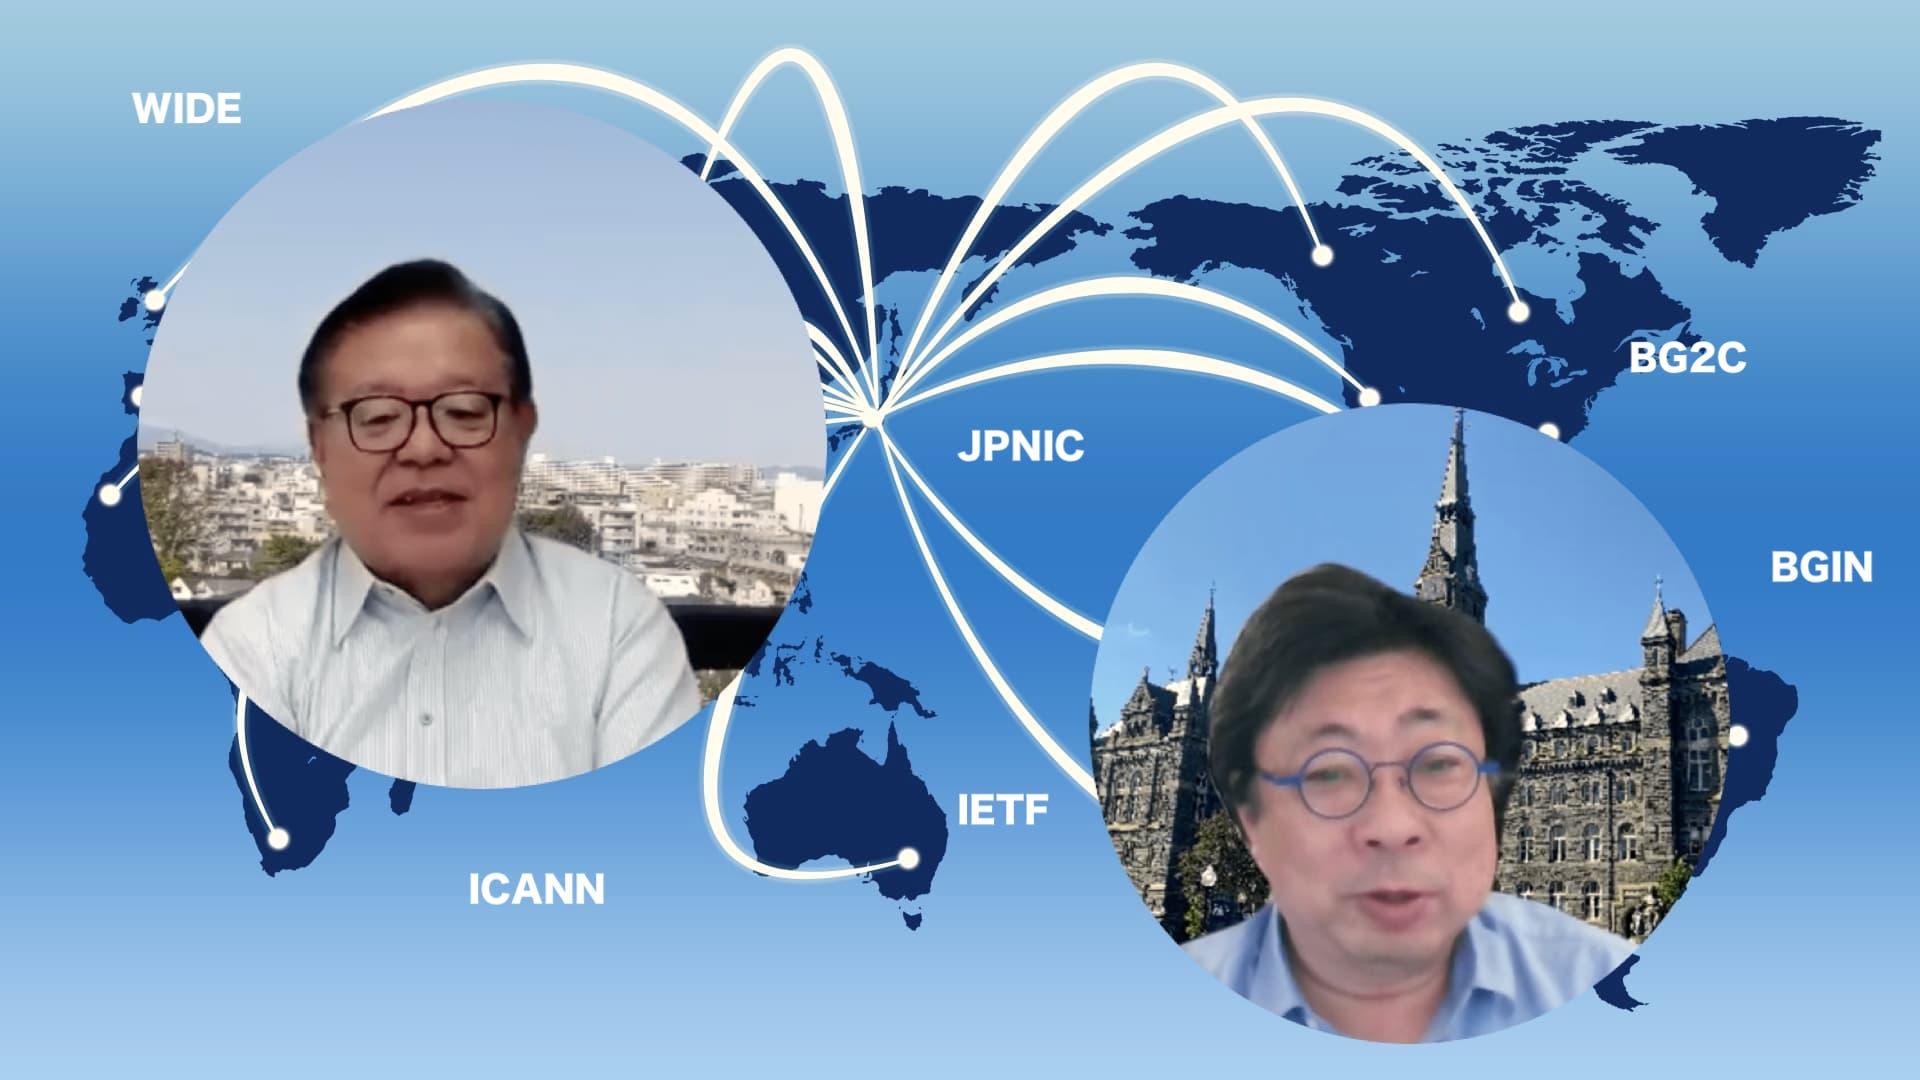 村井純氏(左)松尾真一郎氏(右)対談はZoomで行われた